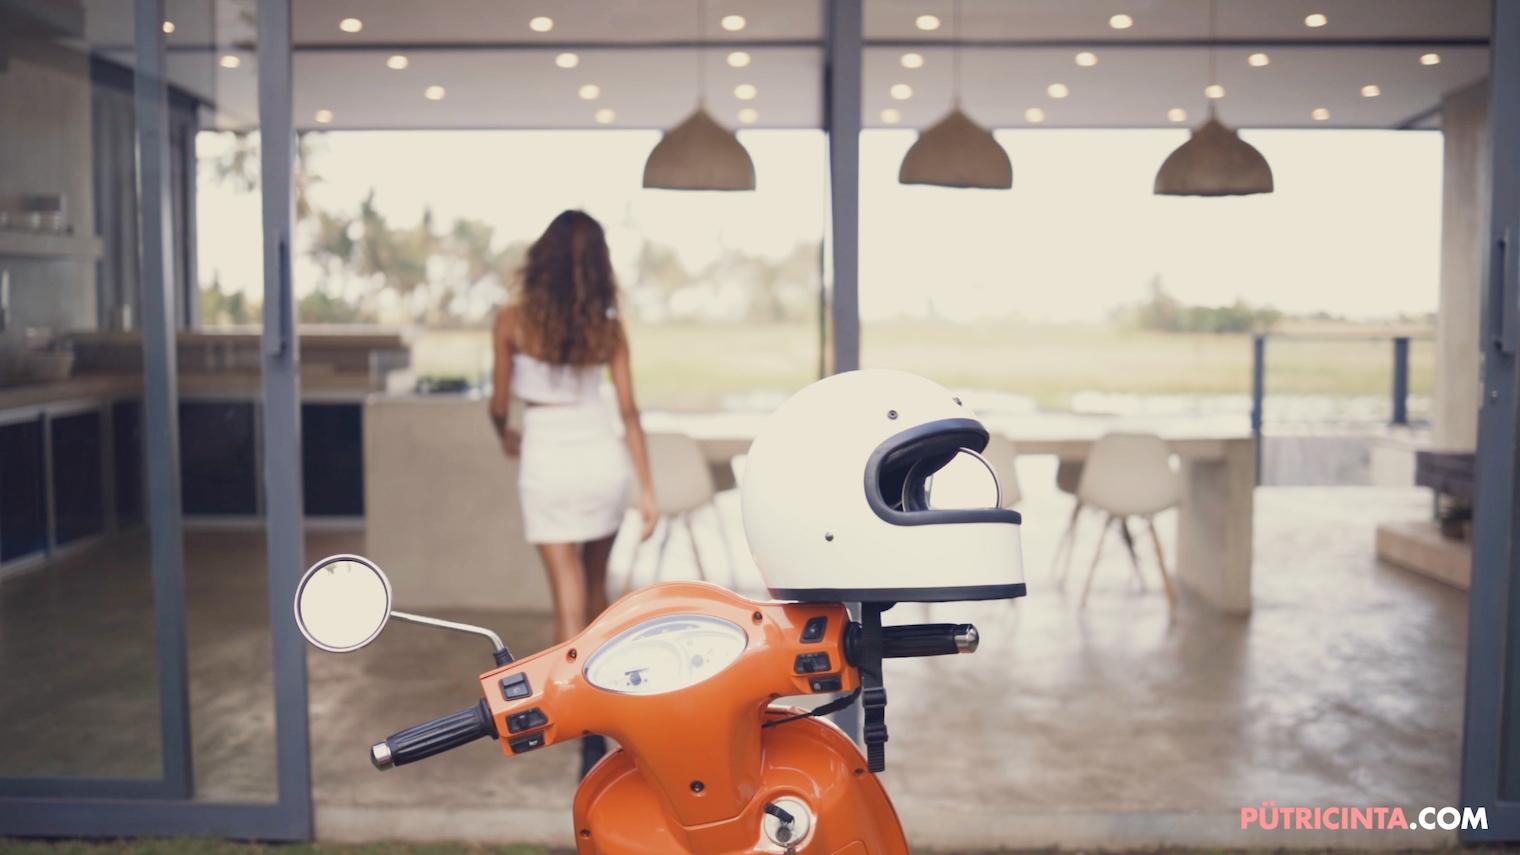 025-BikeWash-Putri-Cinta-Teaser-Stills-8.jpg